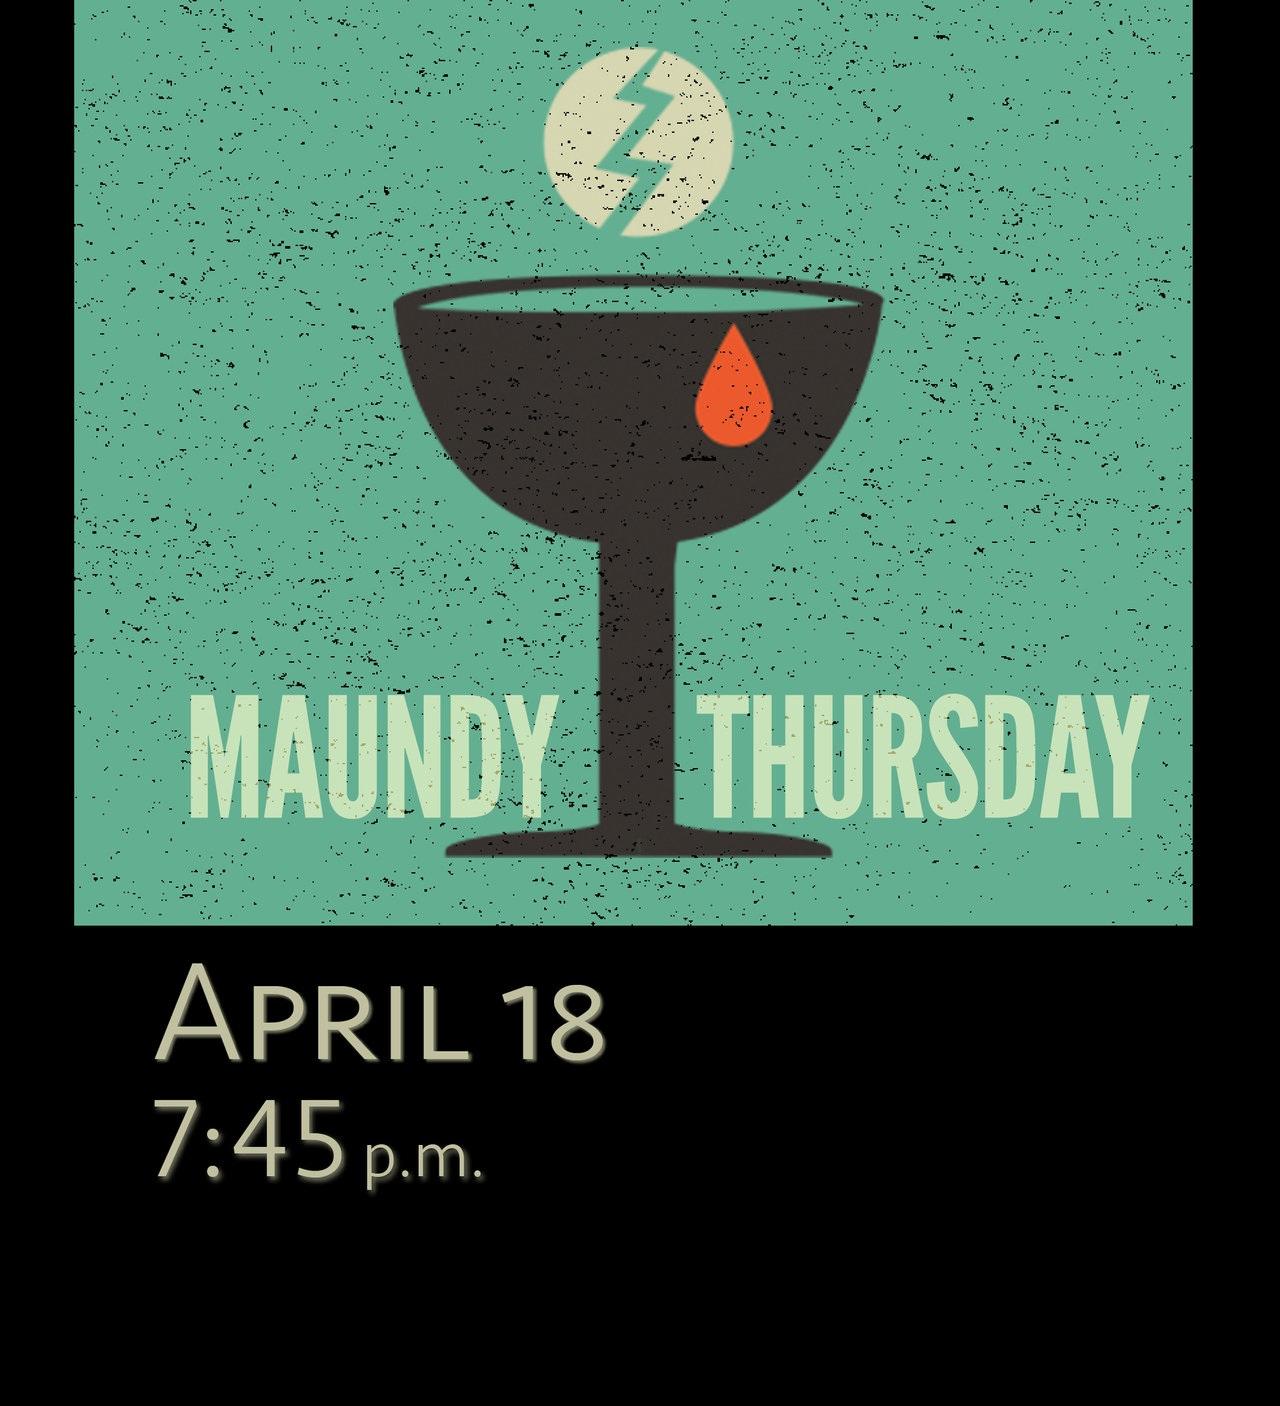 Maundy+Thursday+%26+Good+Friday+2019+slide+v1.jpg